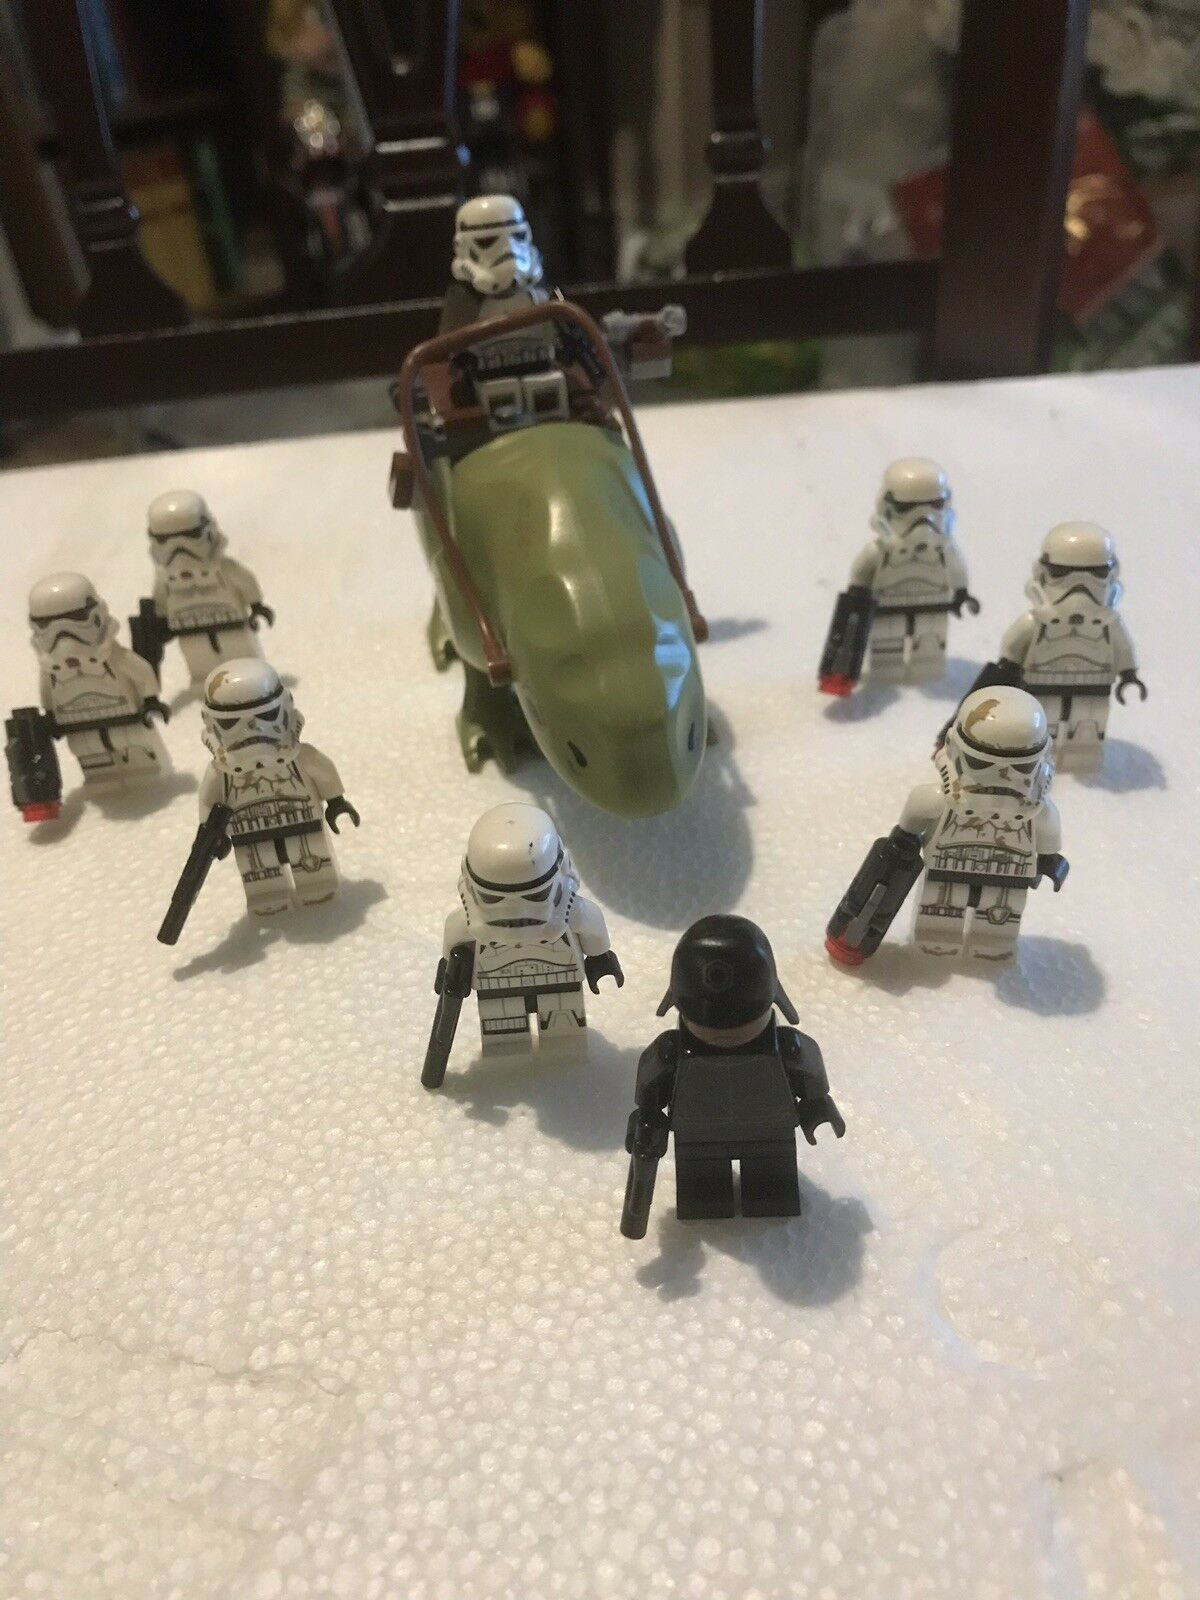 LEGO STAR WARS PATROL DEWBACK SANDTROOPERS STORMTROOPERS OFFICERS TATOOINE CREW